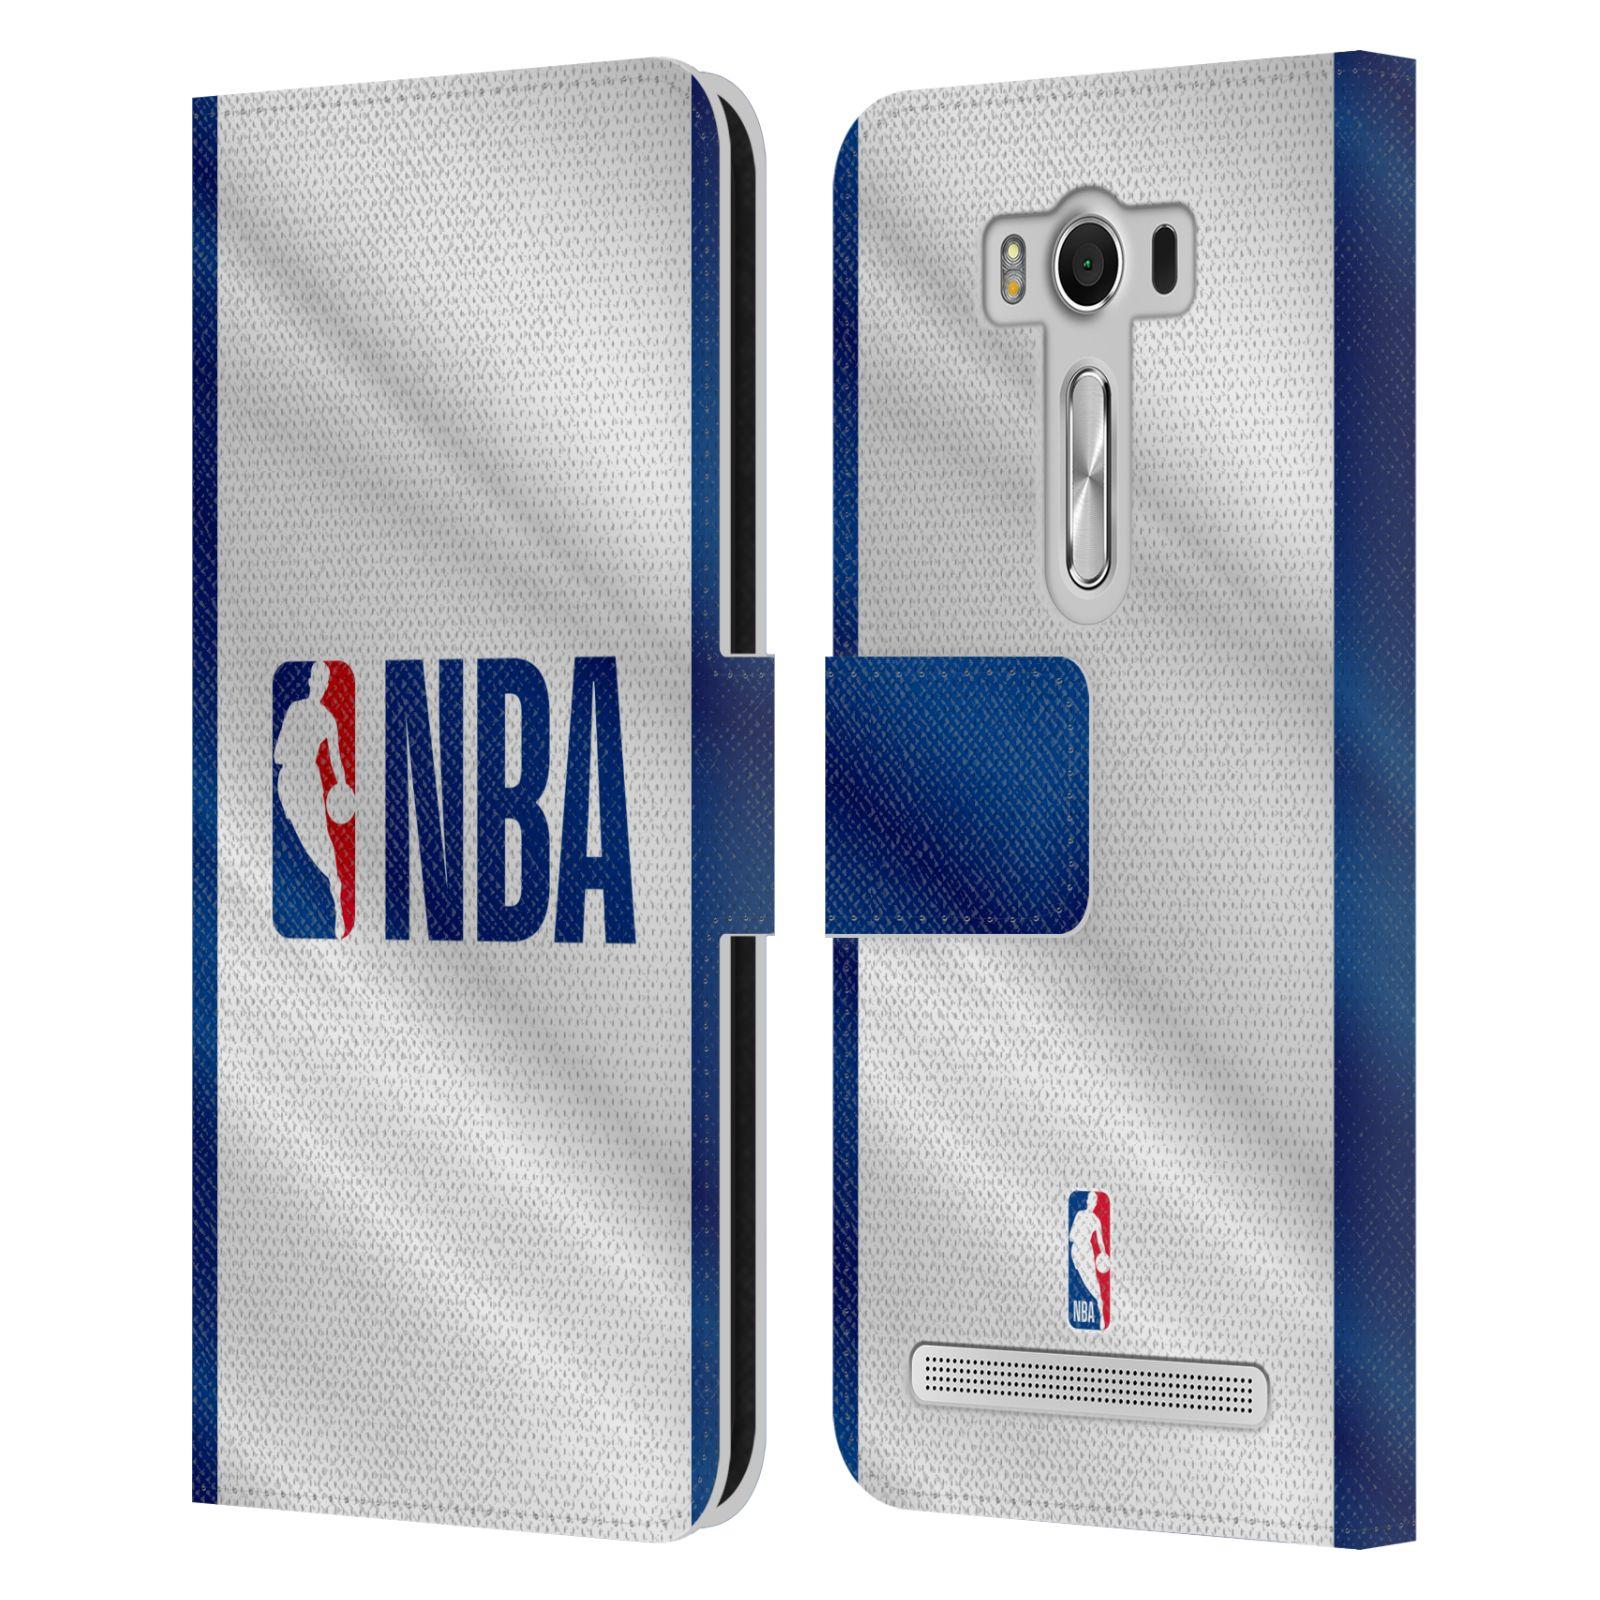 Pouzdro na mobil Asus Zenfone 2 Laser ZE500KL - Head Case - NBA - Logo modré pruhy